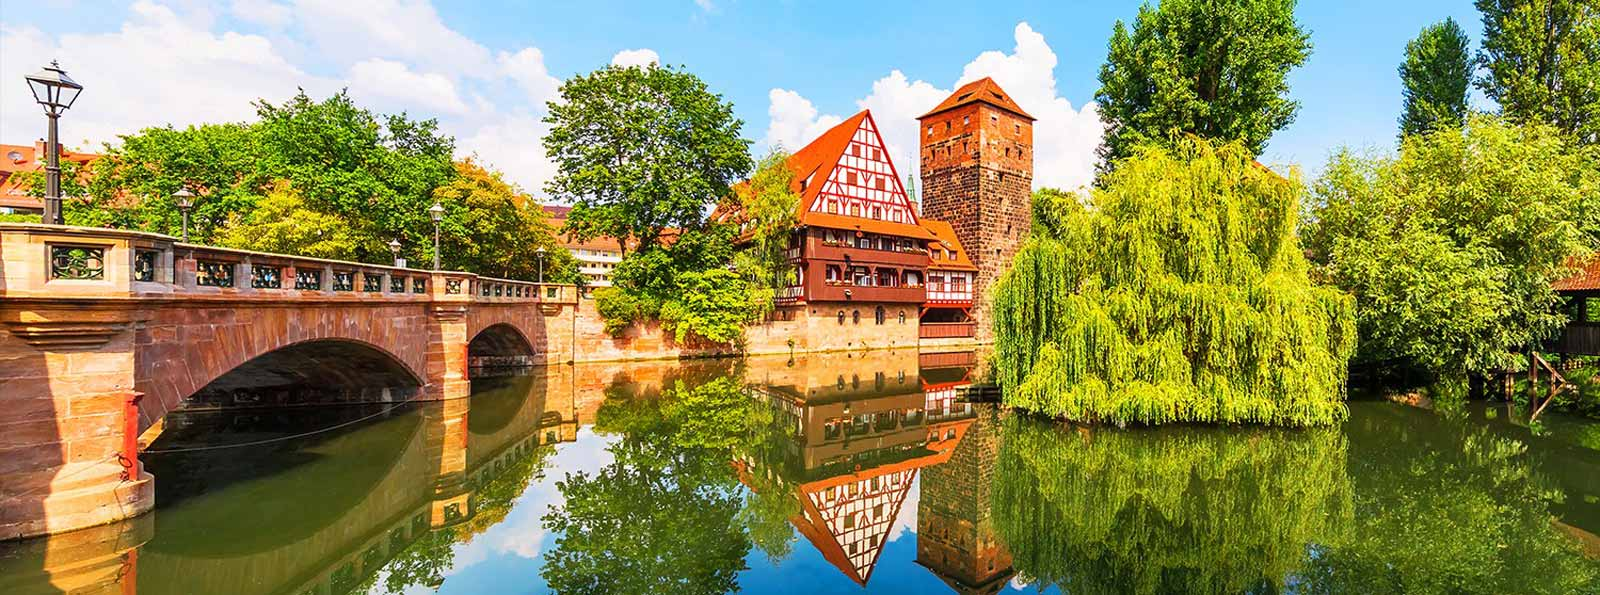 Excursión a Nuremberg desde Múnich